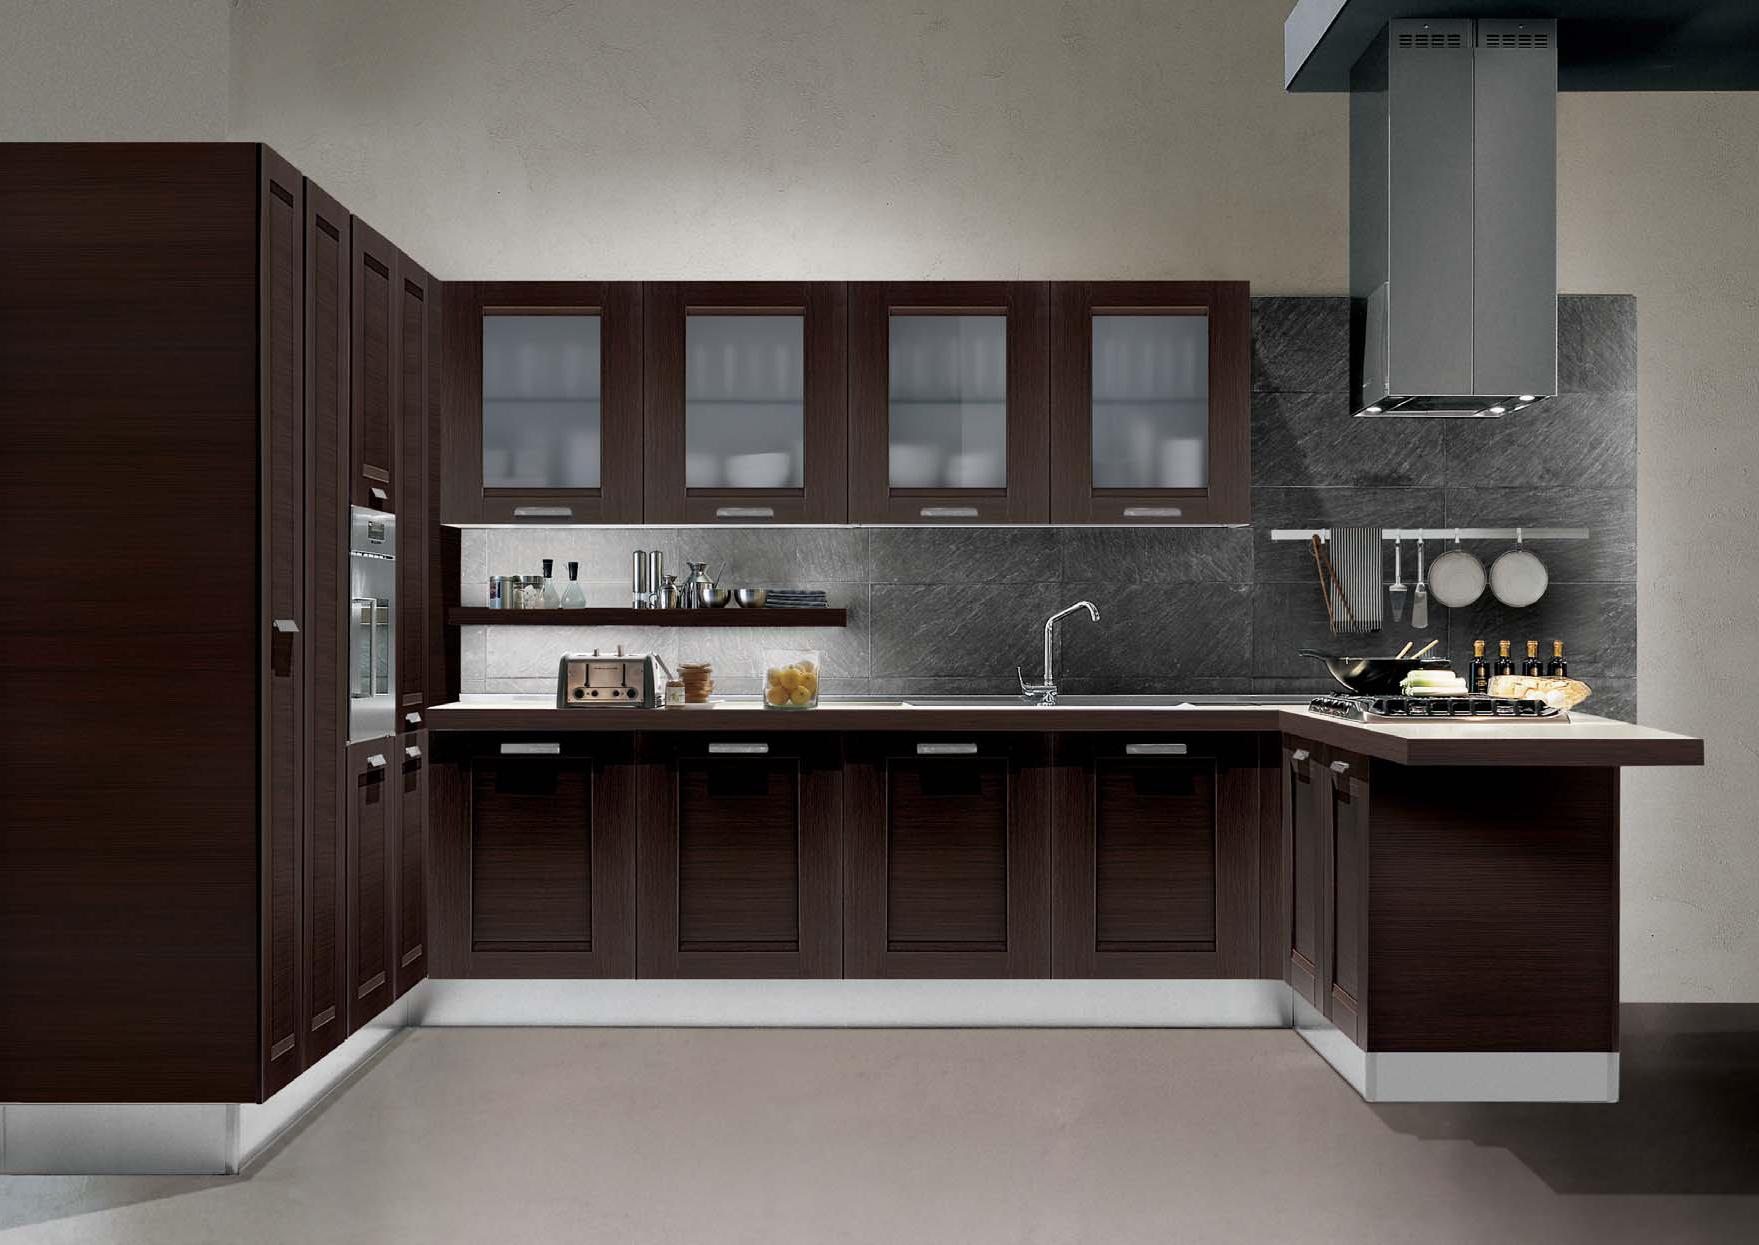 Дверцы для кухонных шкафов: ящики на кухне с раздвижными дверями, ремонт и регулировка фурнитуры